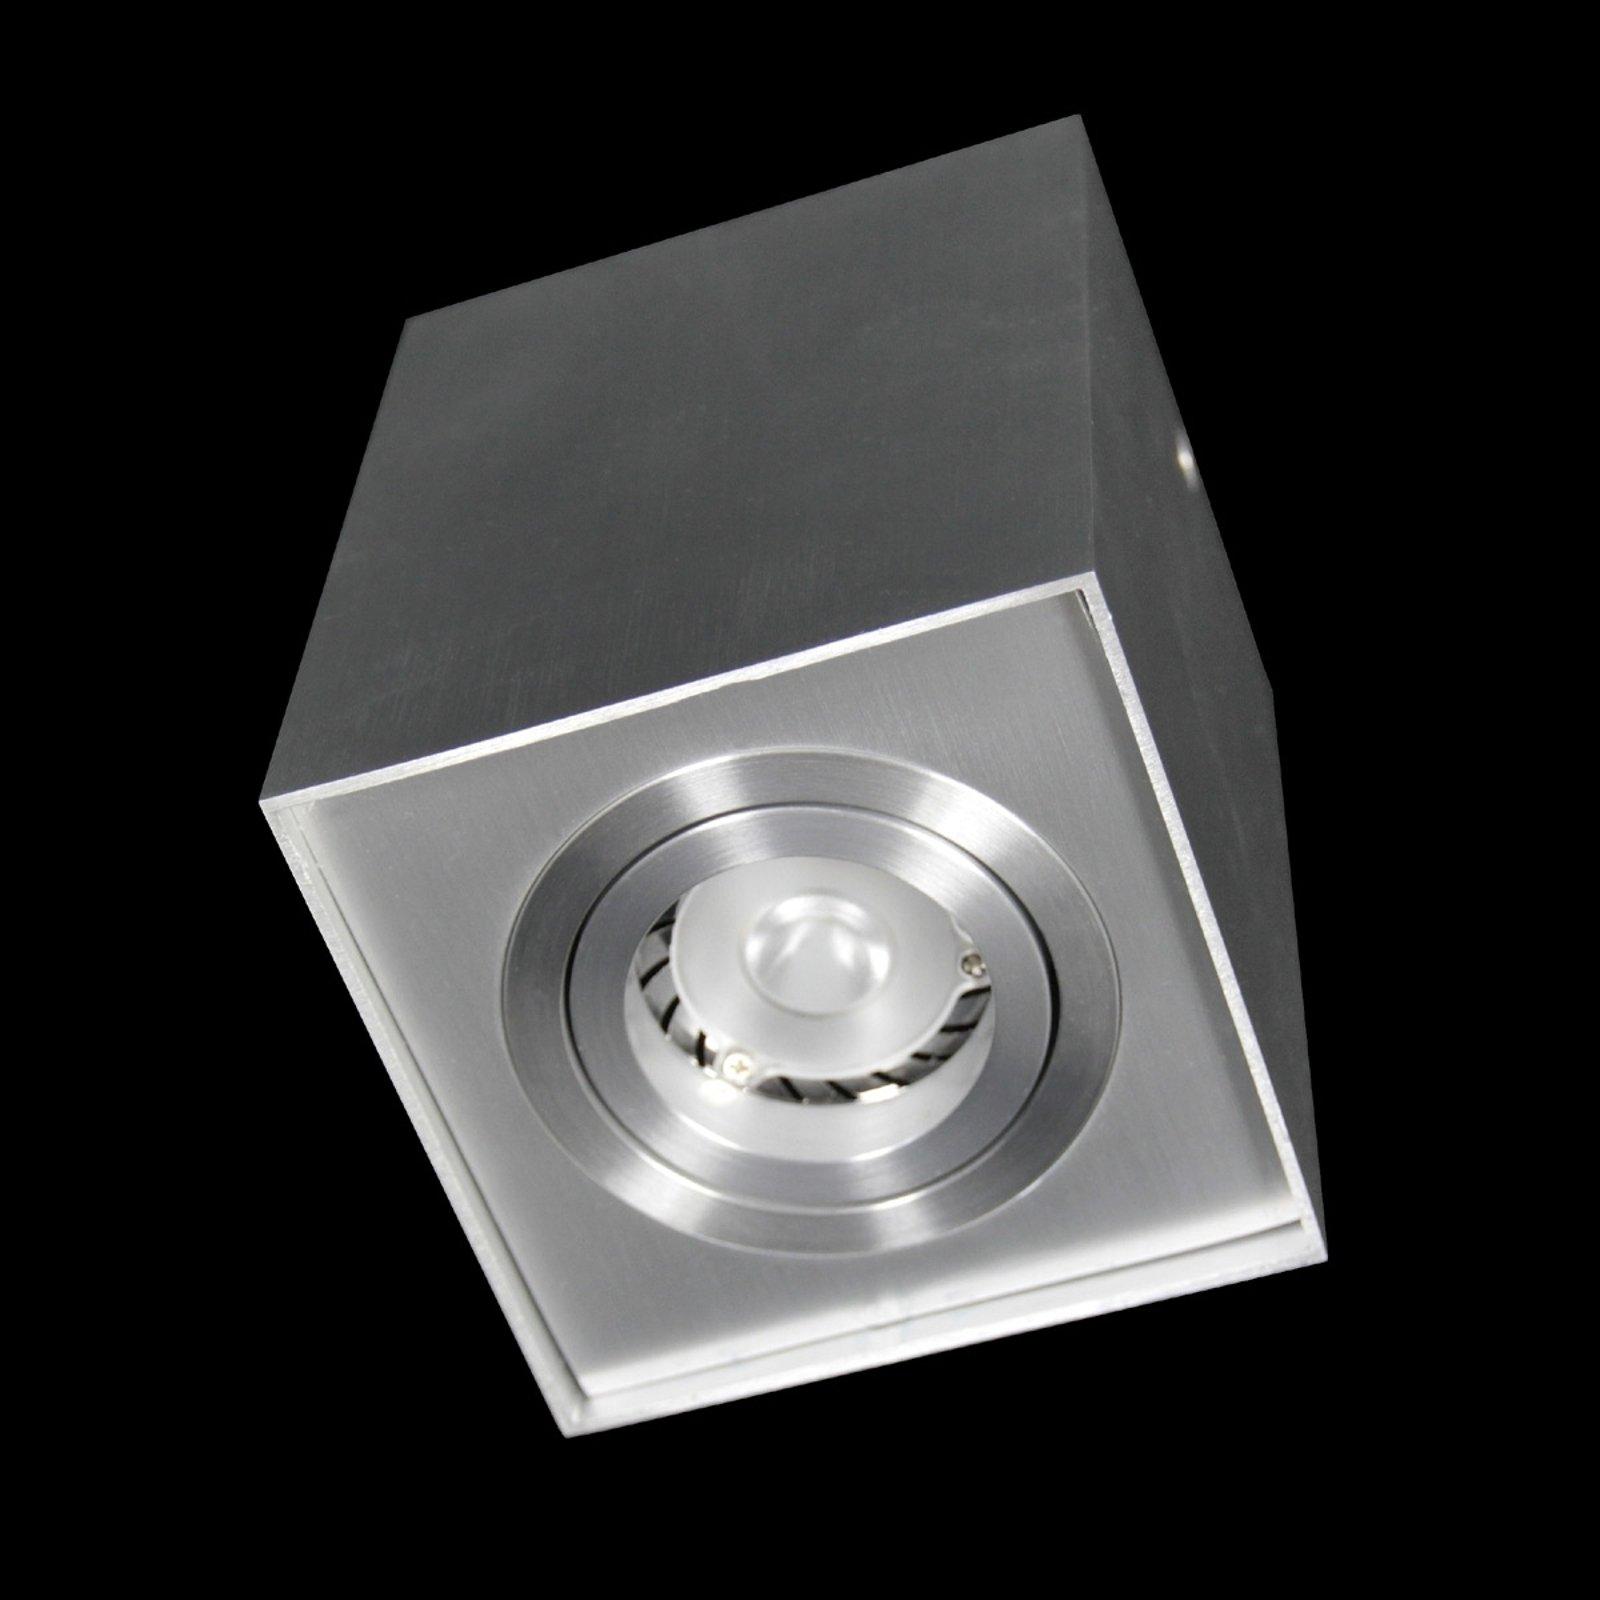 Kvadratisk SUSE LED-taklampe